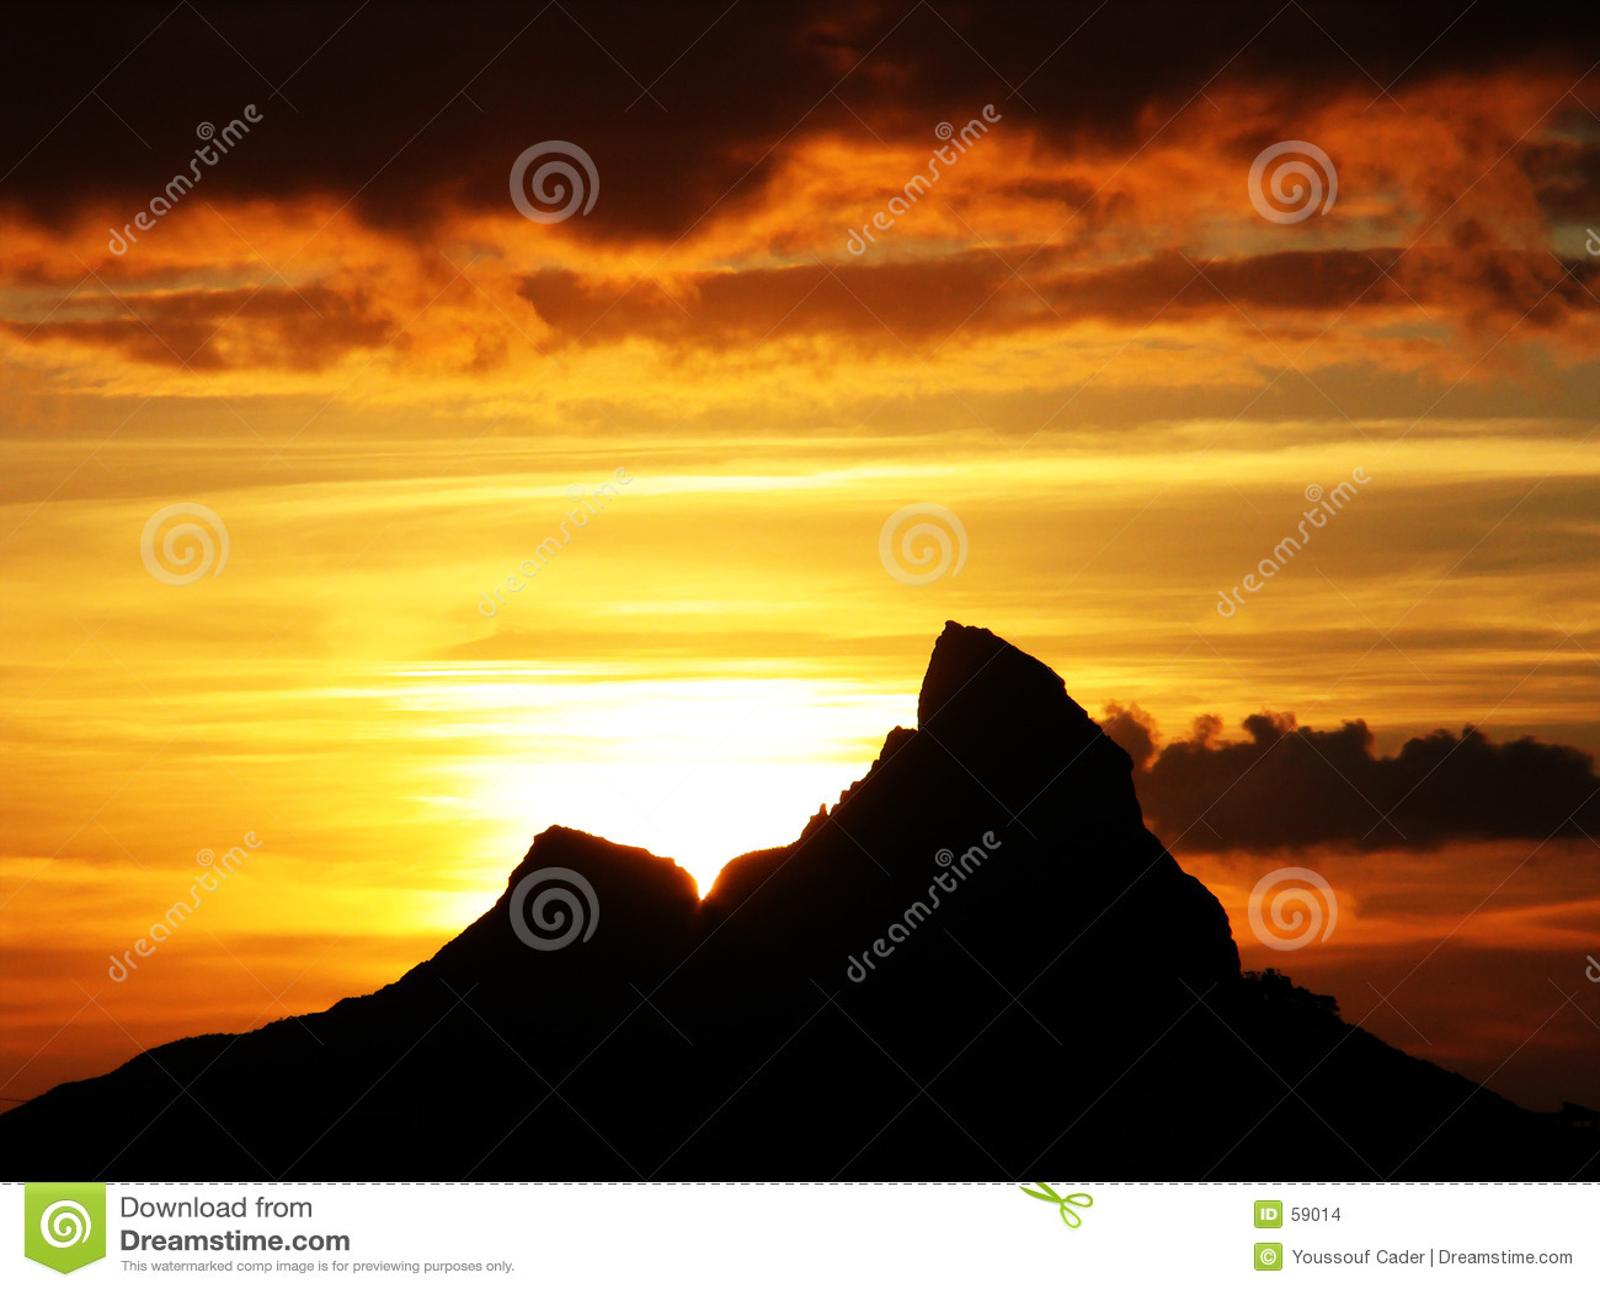 Download Série de montagne photo stock. Image du nuageux, orange - 59014